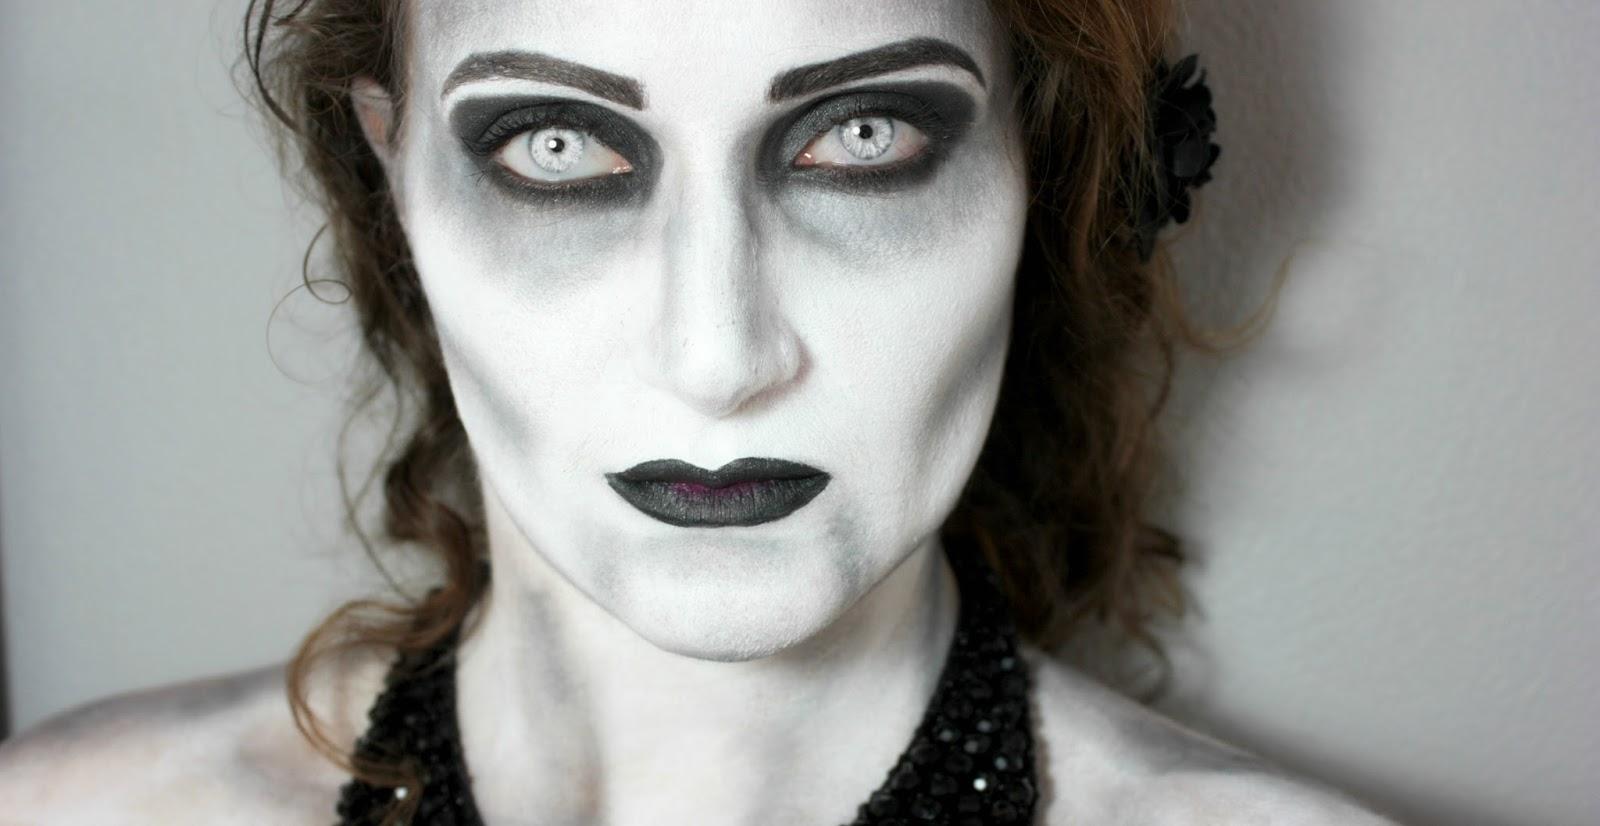 Exceptional Maquillage De Zombie Pour Halloween 13 Maquillage,zombie, halloween